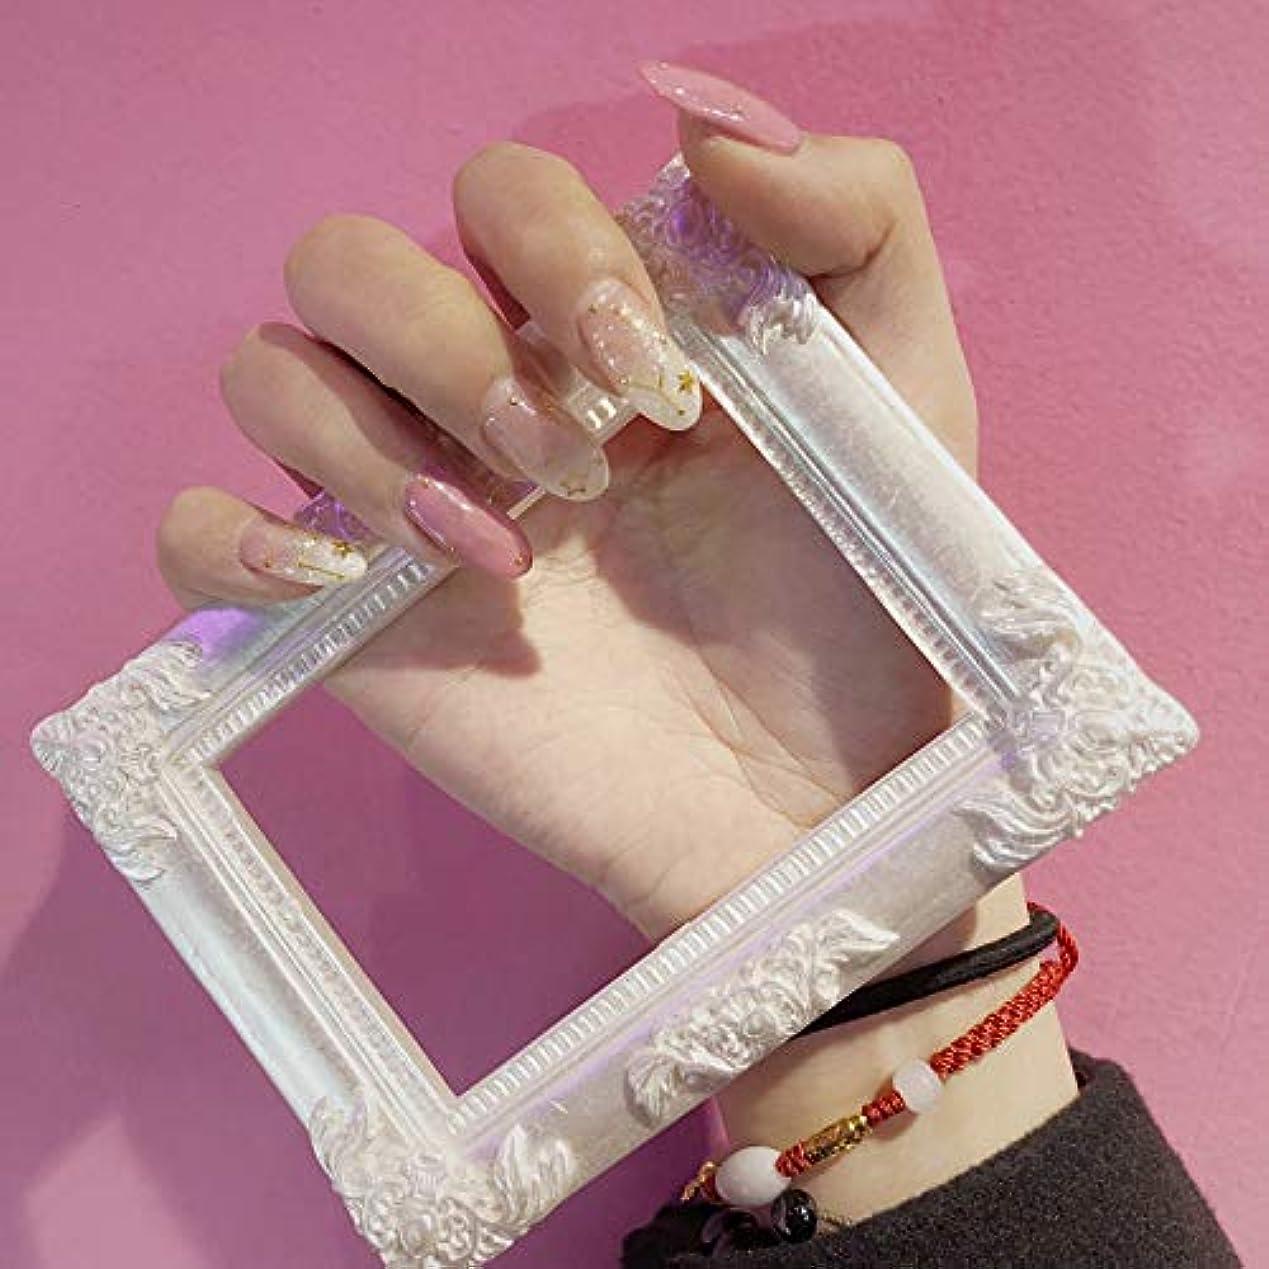 従う要求するハンディ24Pcs 美しい女の子 ネイルアート ins流行 手作りネイルチップ 暈し染め 可愛い優雅ネイル